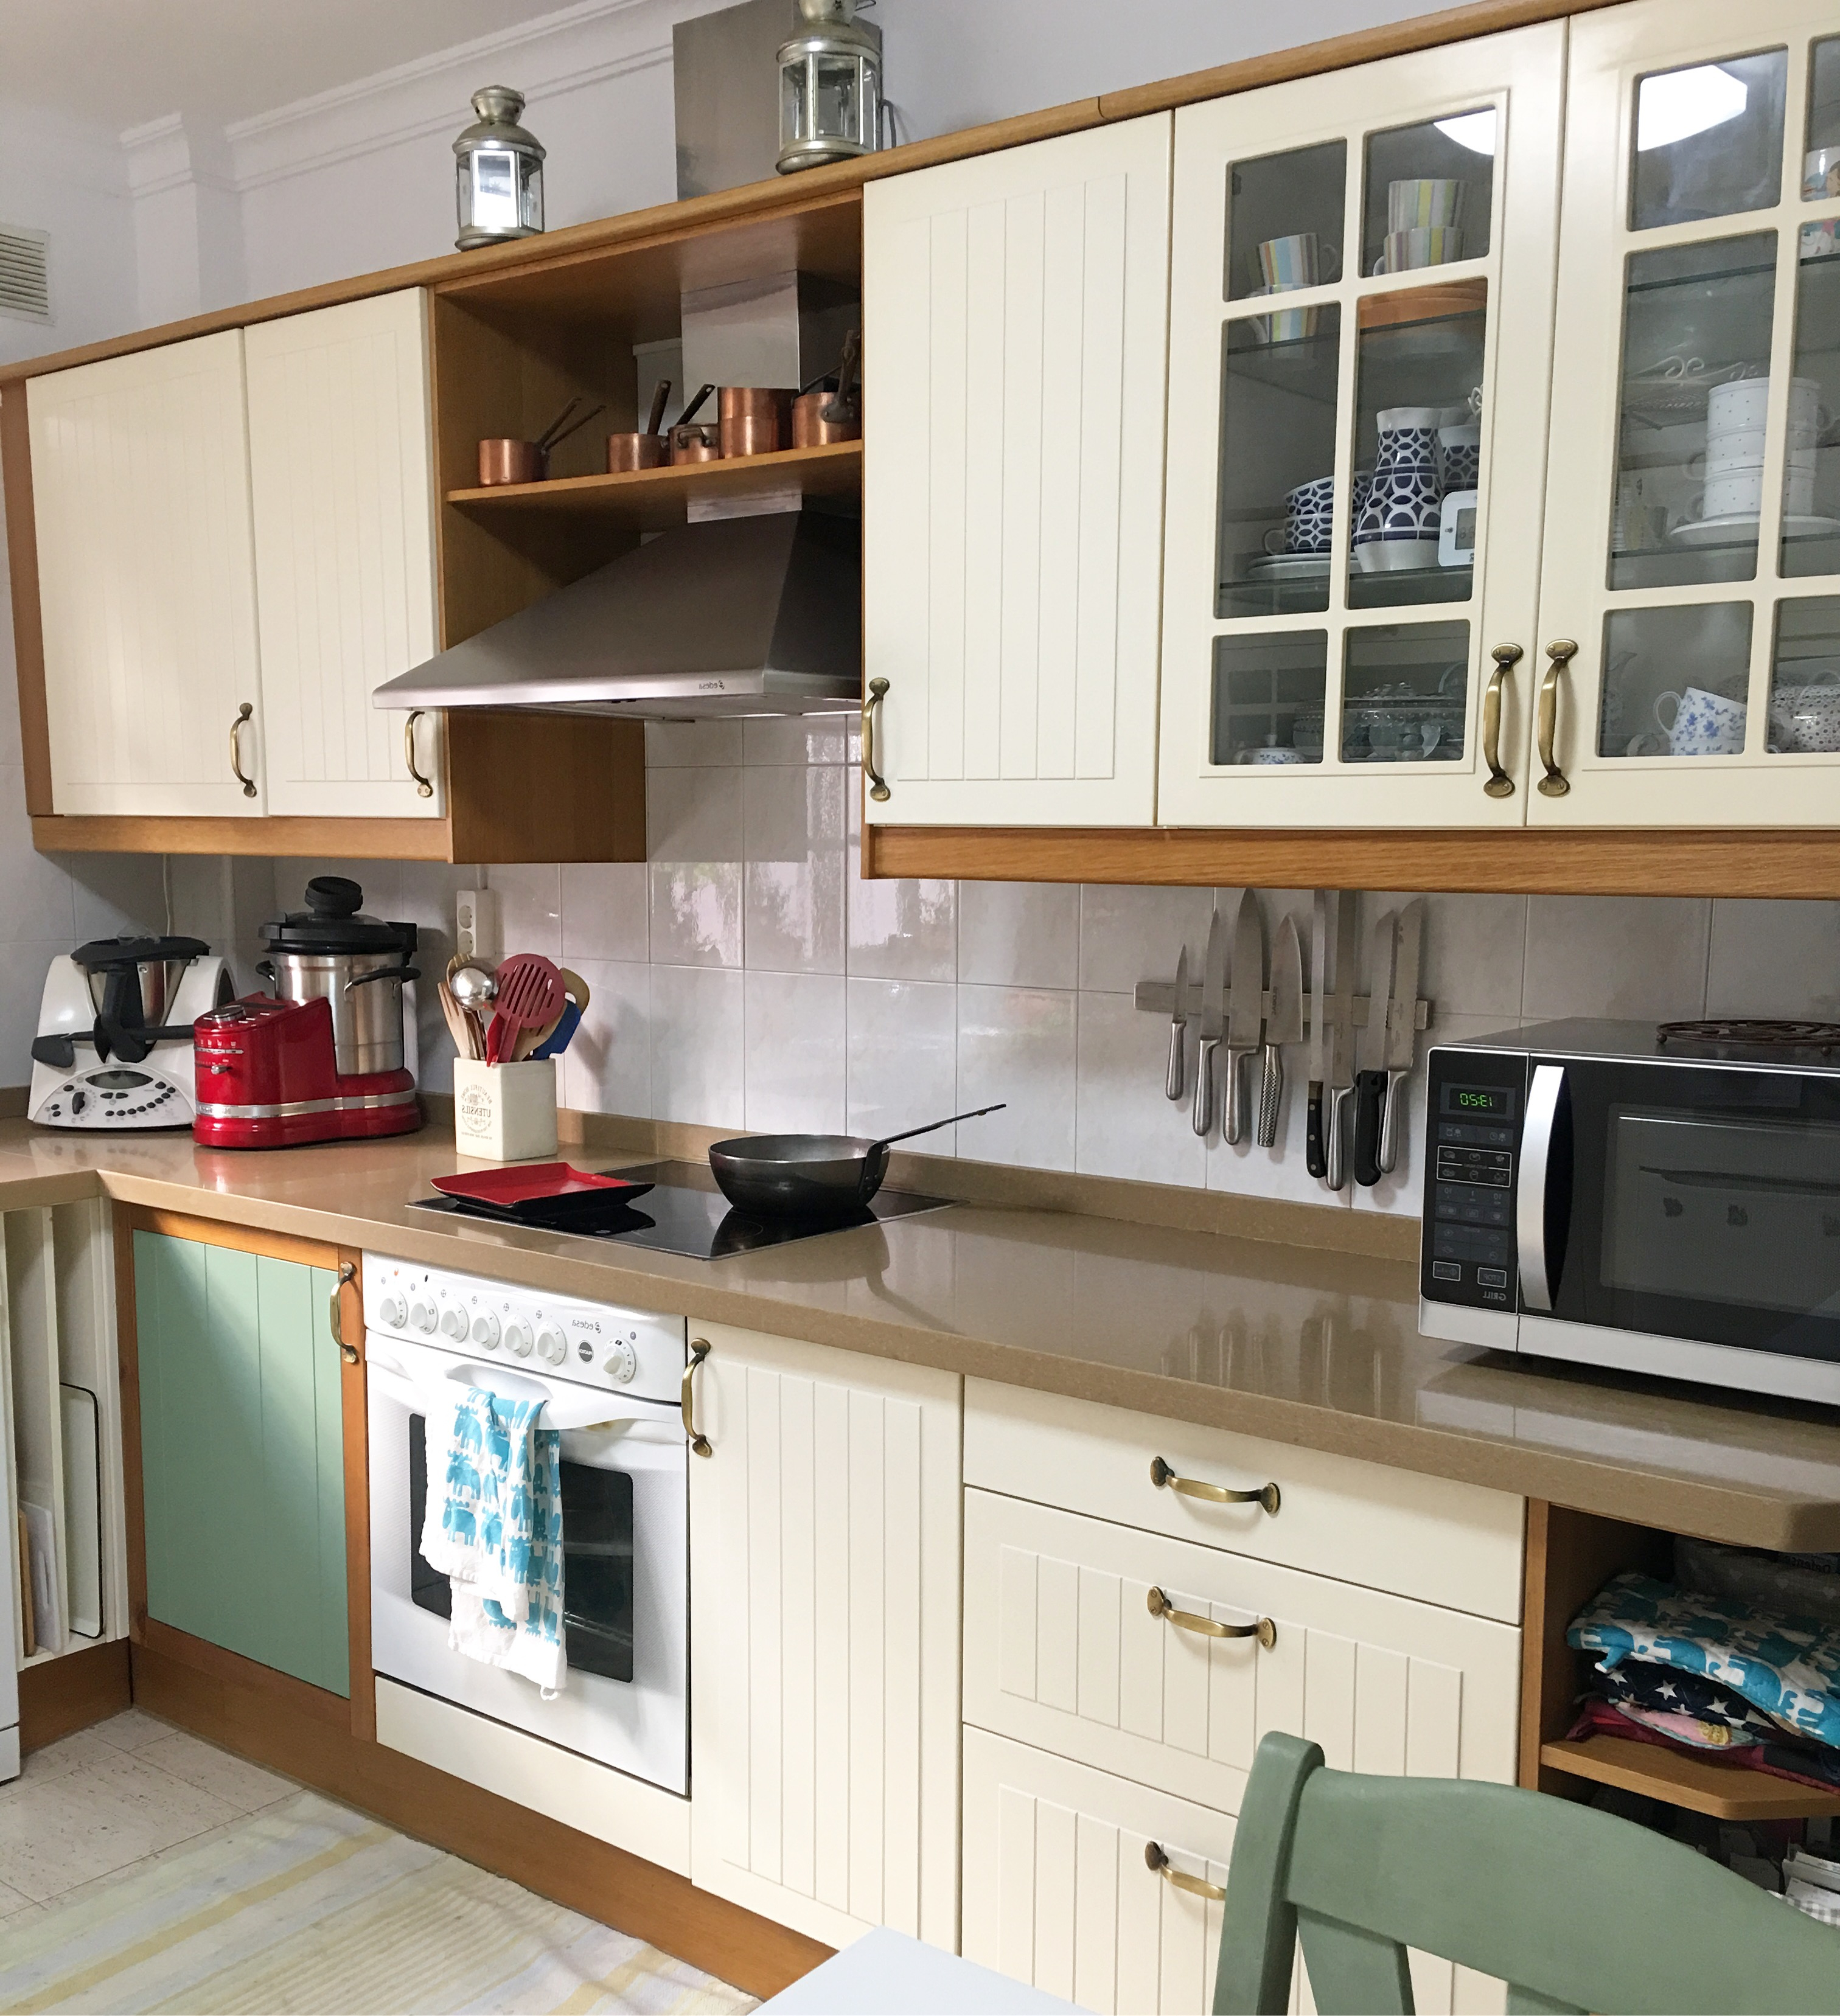 Como Pintar Muebles De Cocina Zwd9 Pintar Muebles De Cocina El Rincà N De Bea